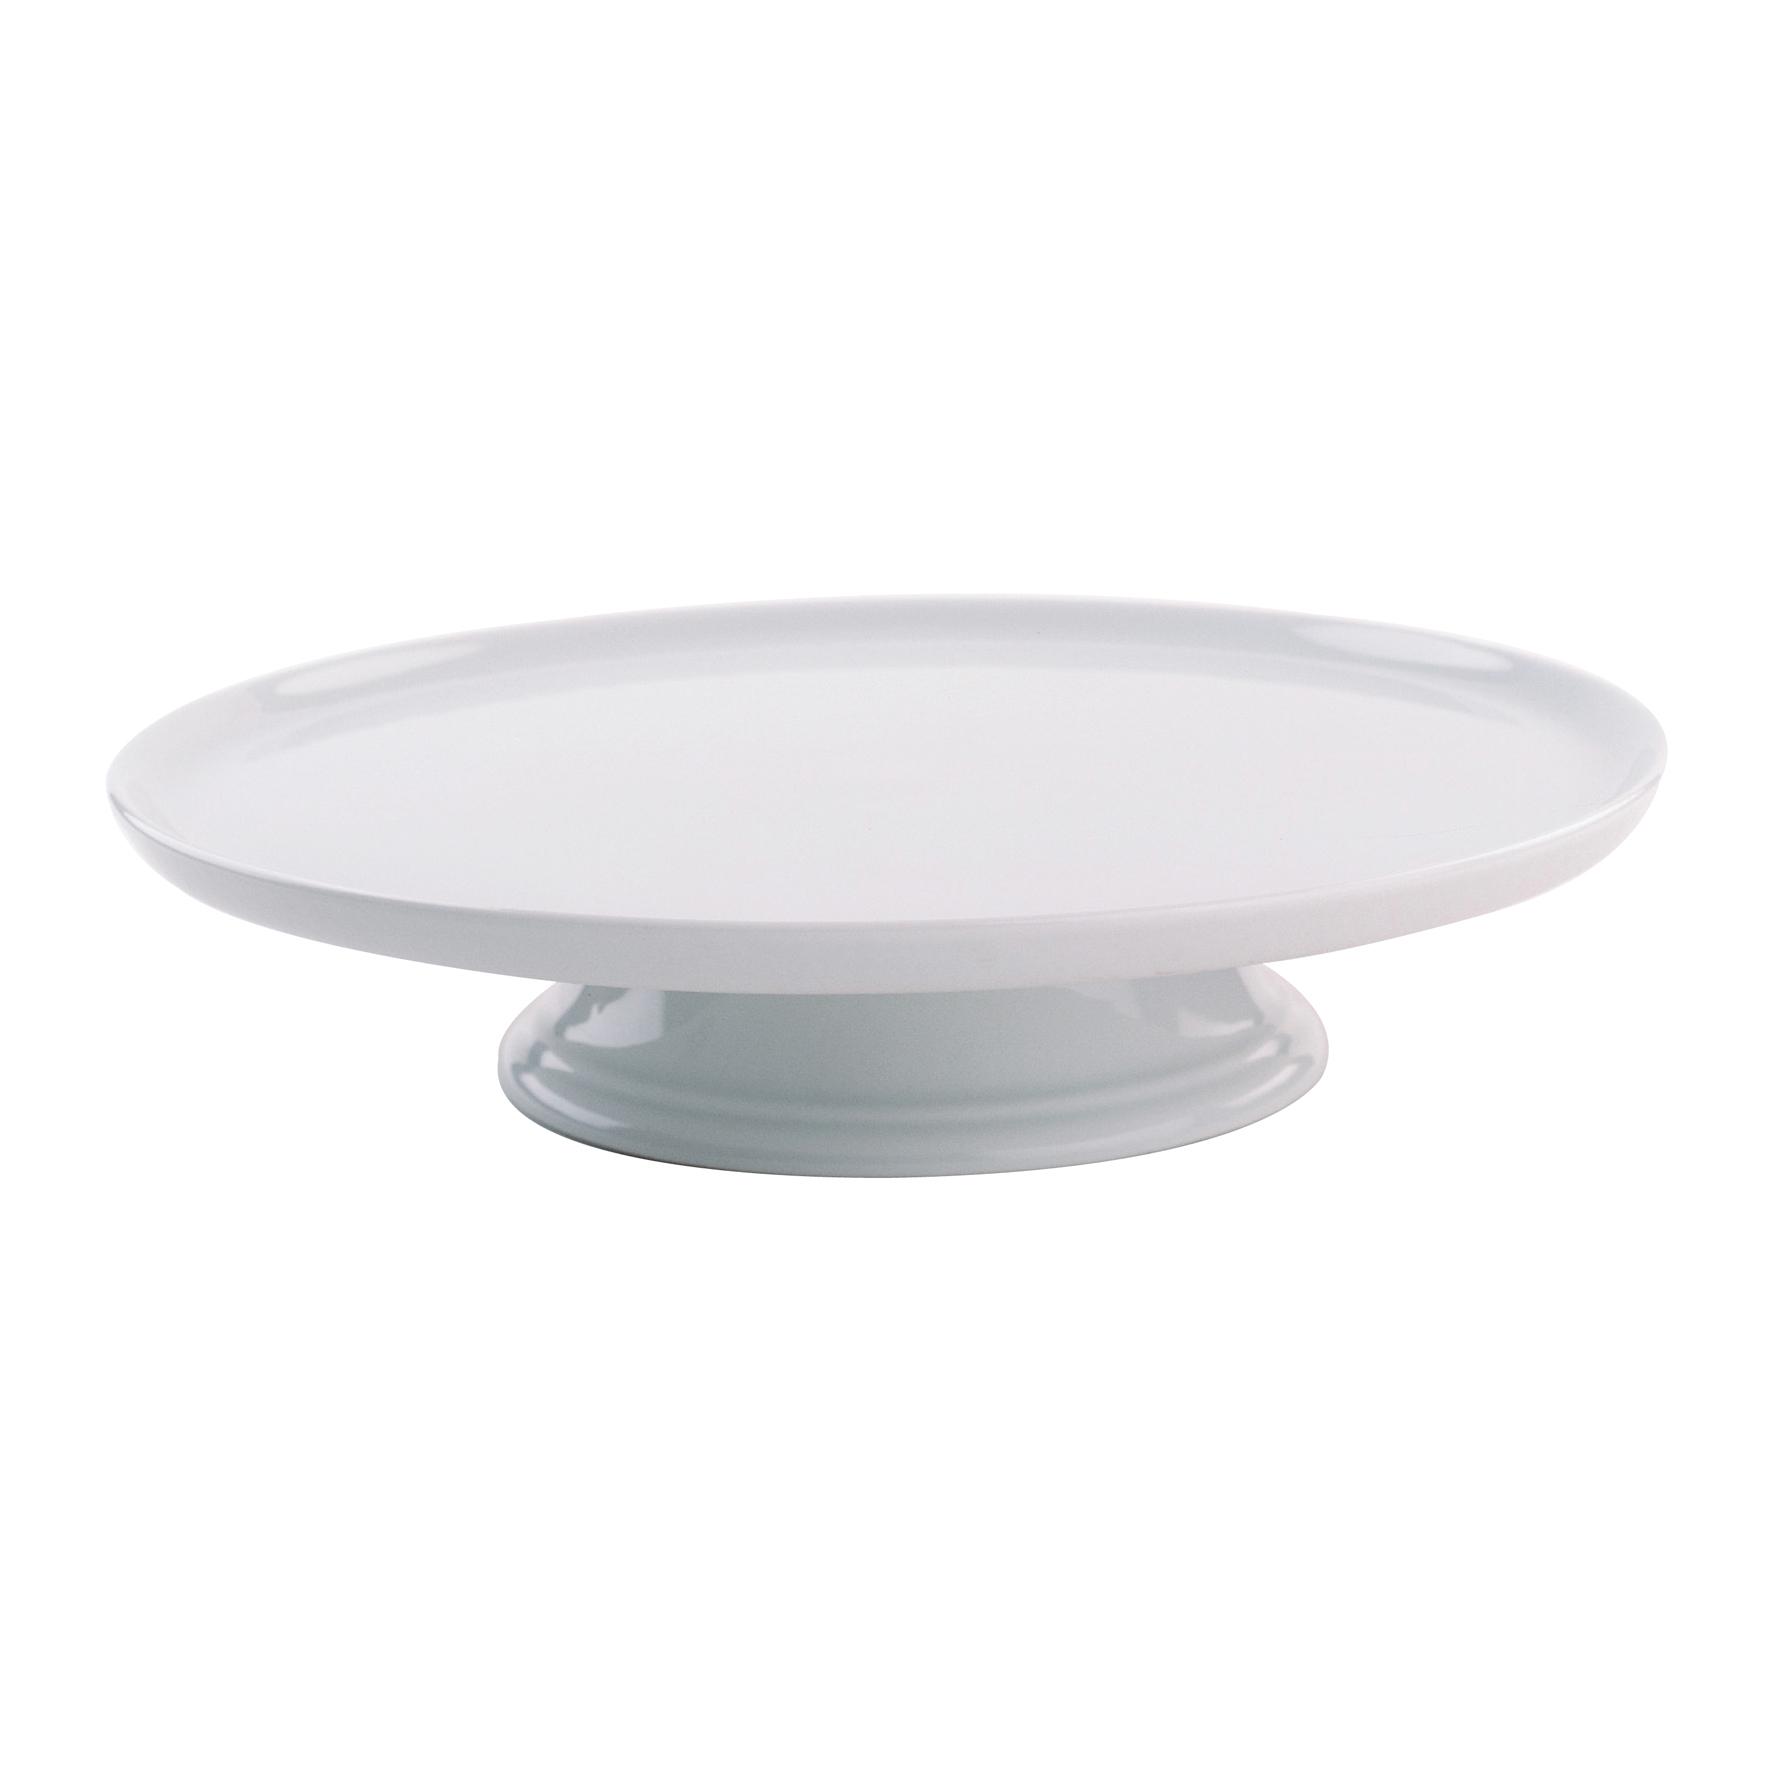 Pillivuyt - Tårtfat på fot 30 cm